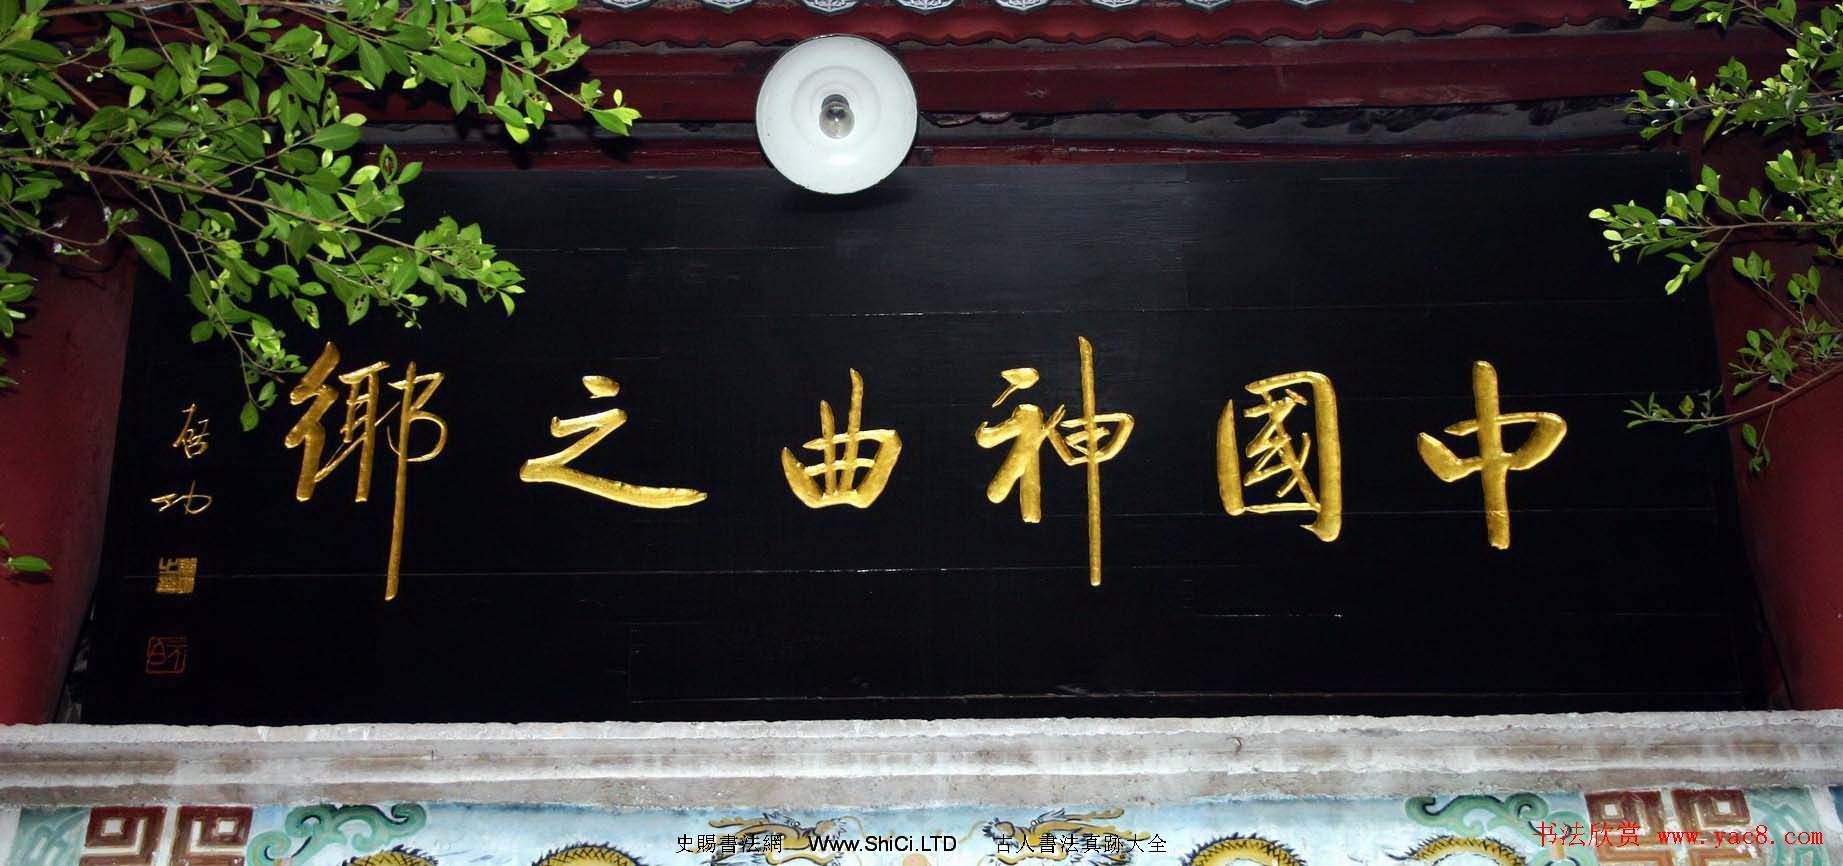 啟功書法題字牌匾真跡欣賞(共16張圖片)